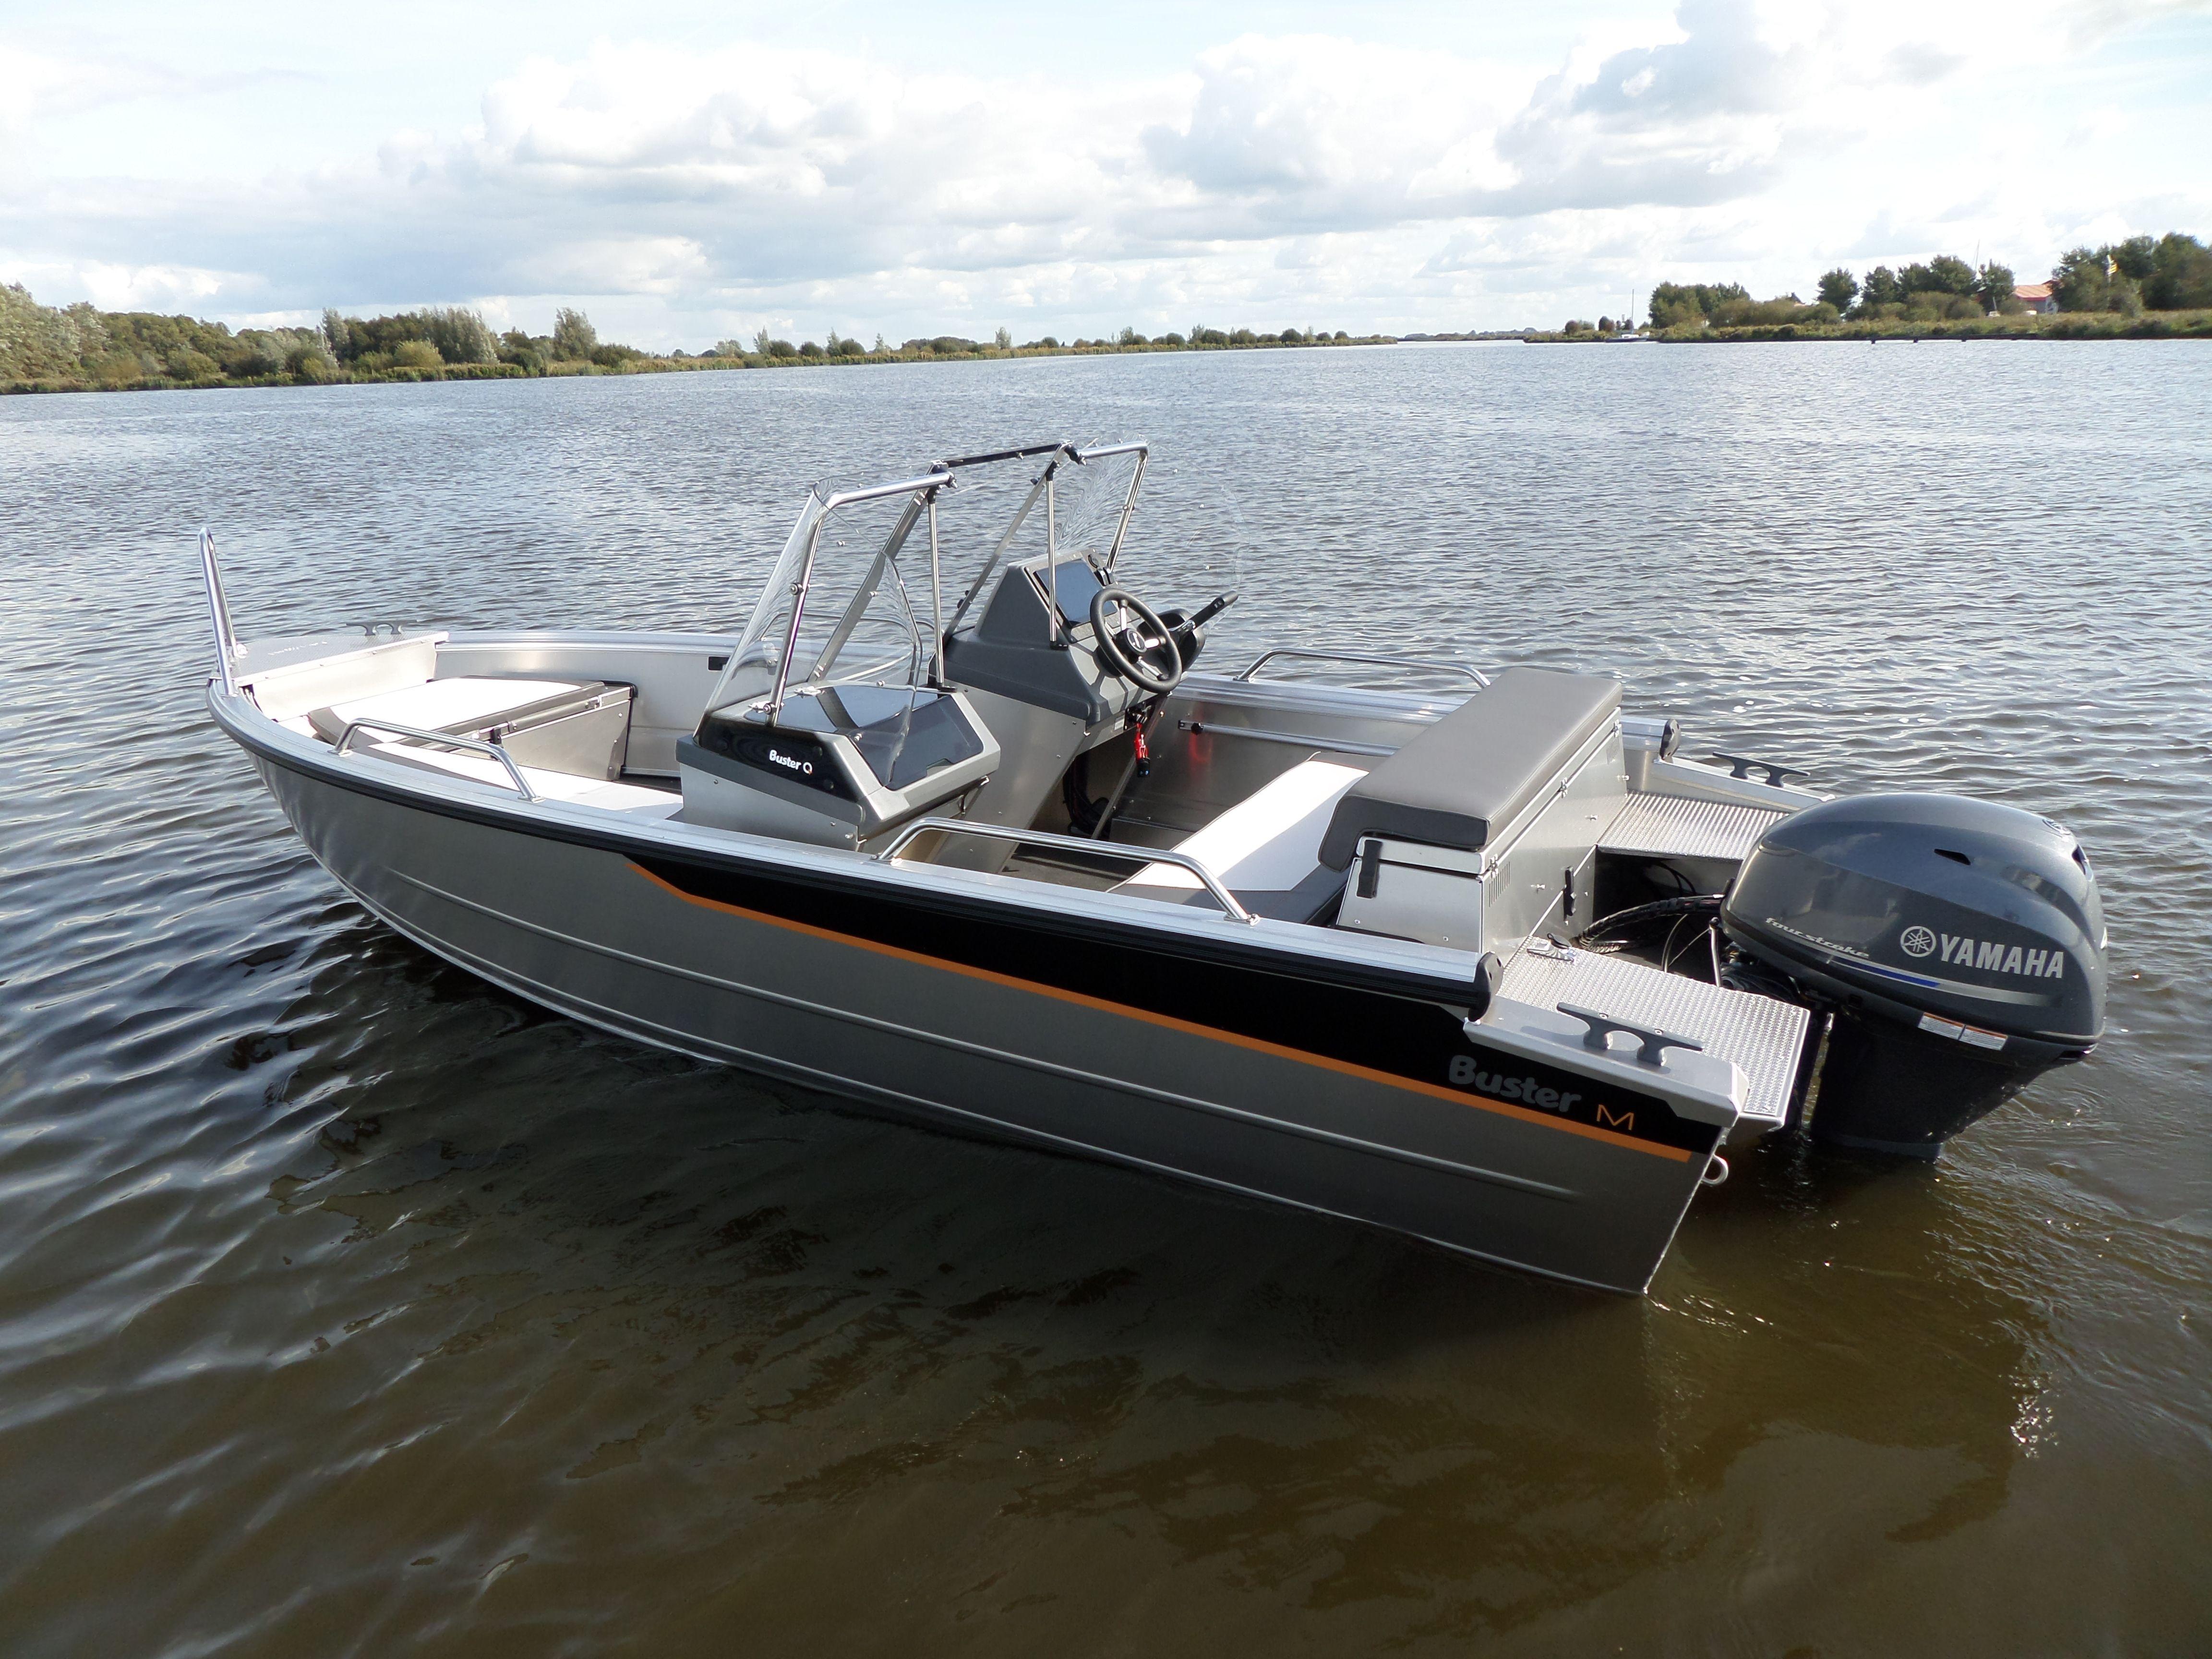 Wonderbaarlijk Buster M2, Een heerlijke compacte aluminium consoleboot! | Buster OP-54